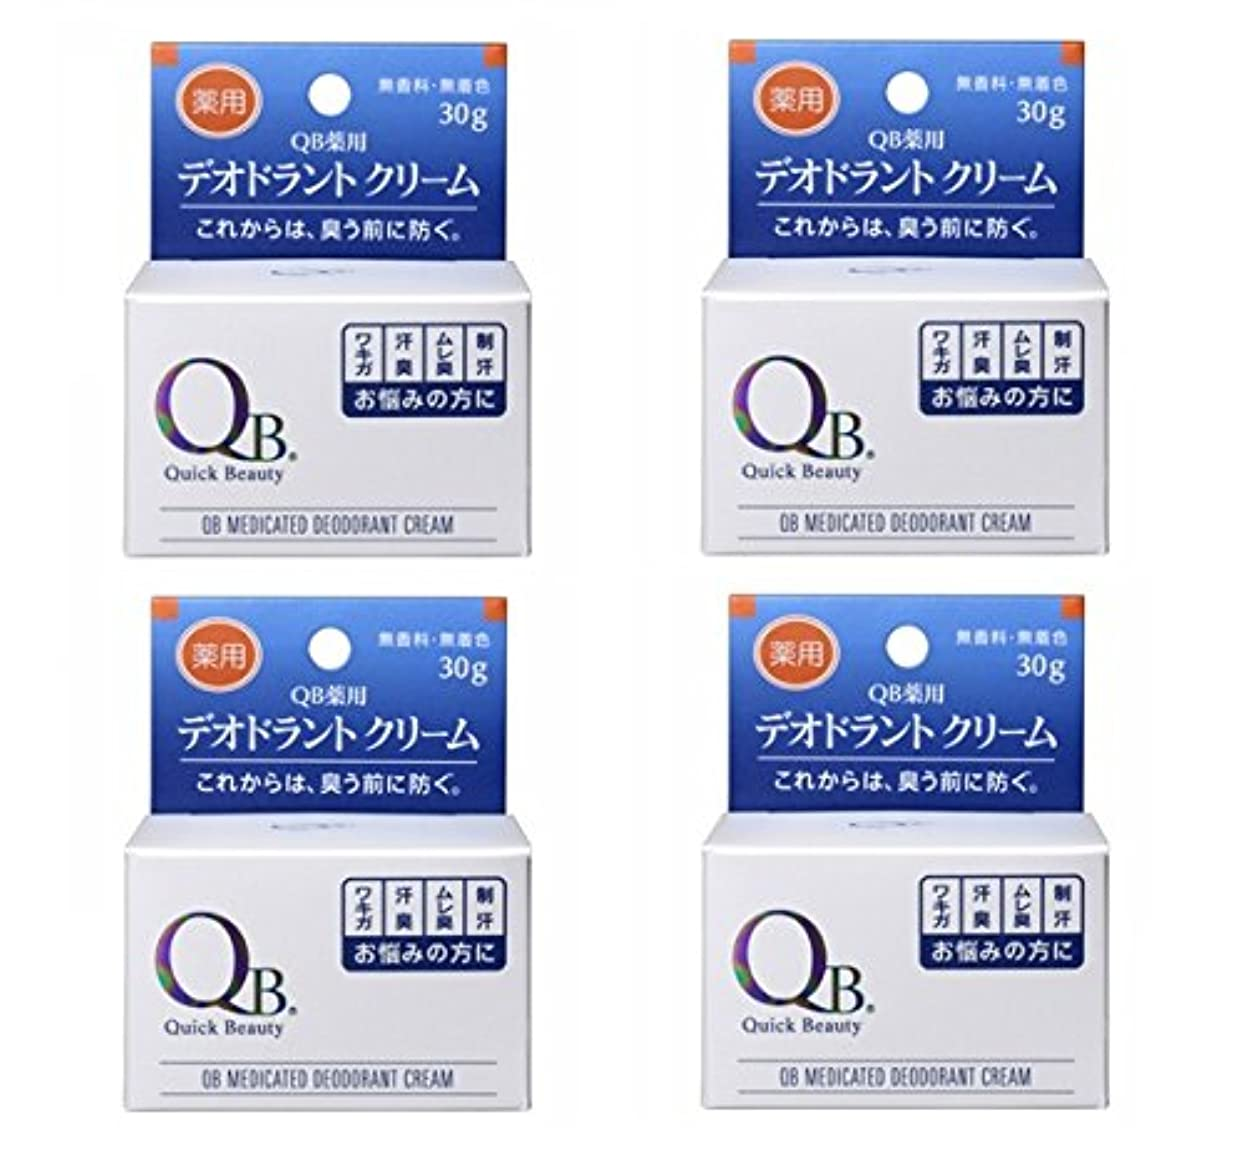 フライカイト設計急降下【×4個】 QB 薬用デオドラントクリーム 30g 【国内正規品】